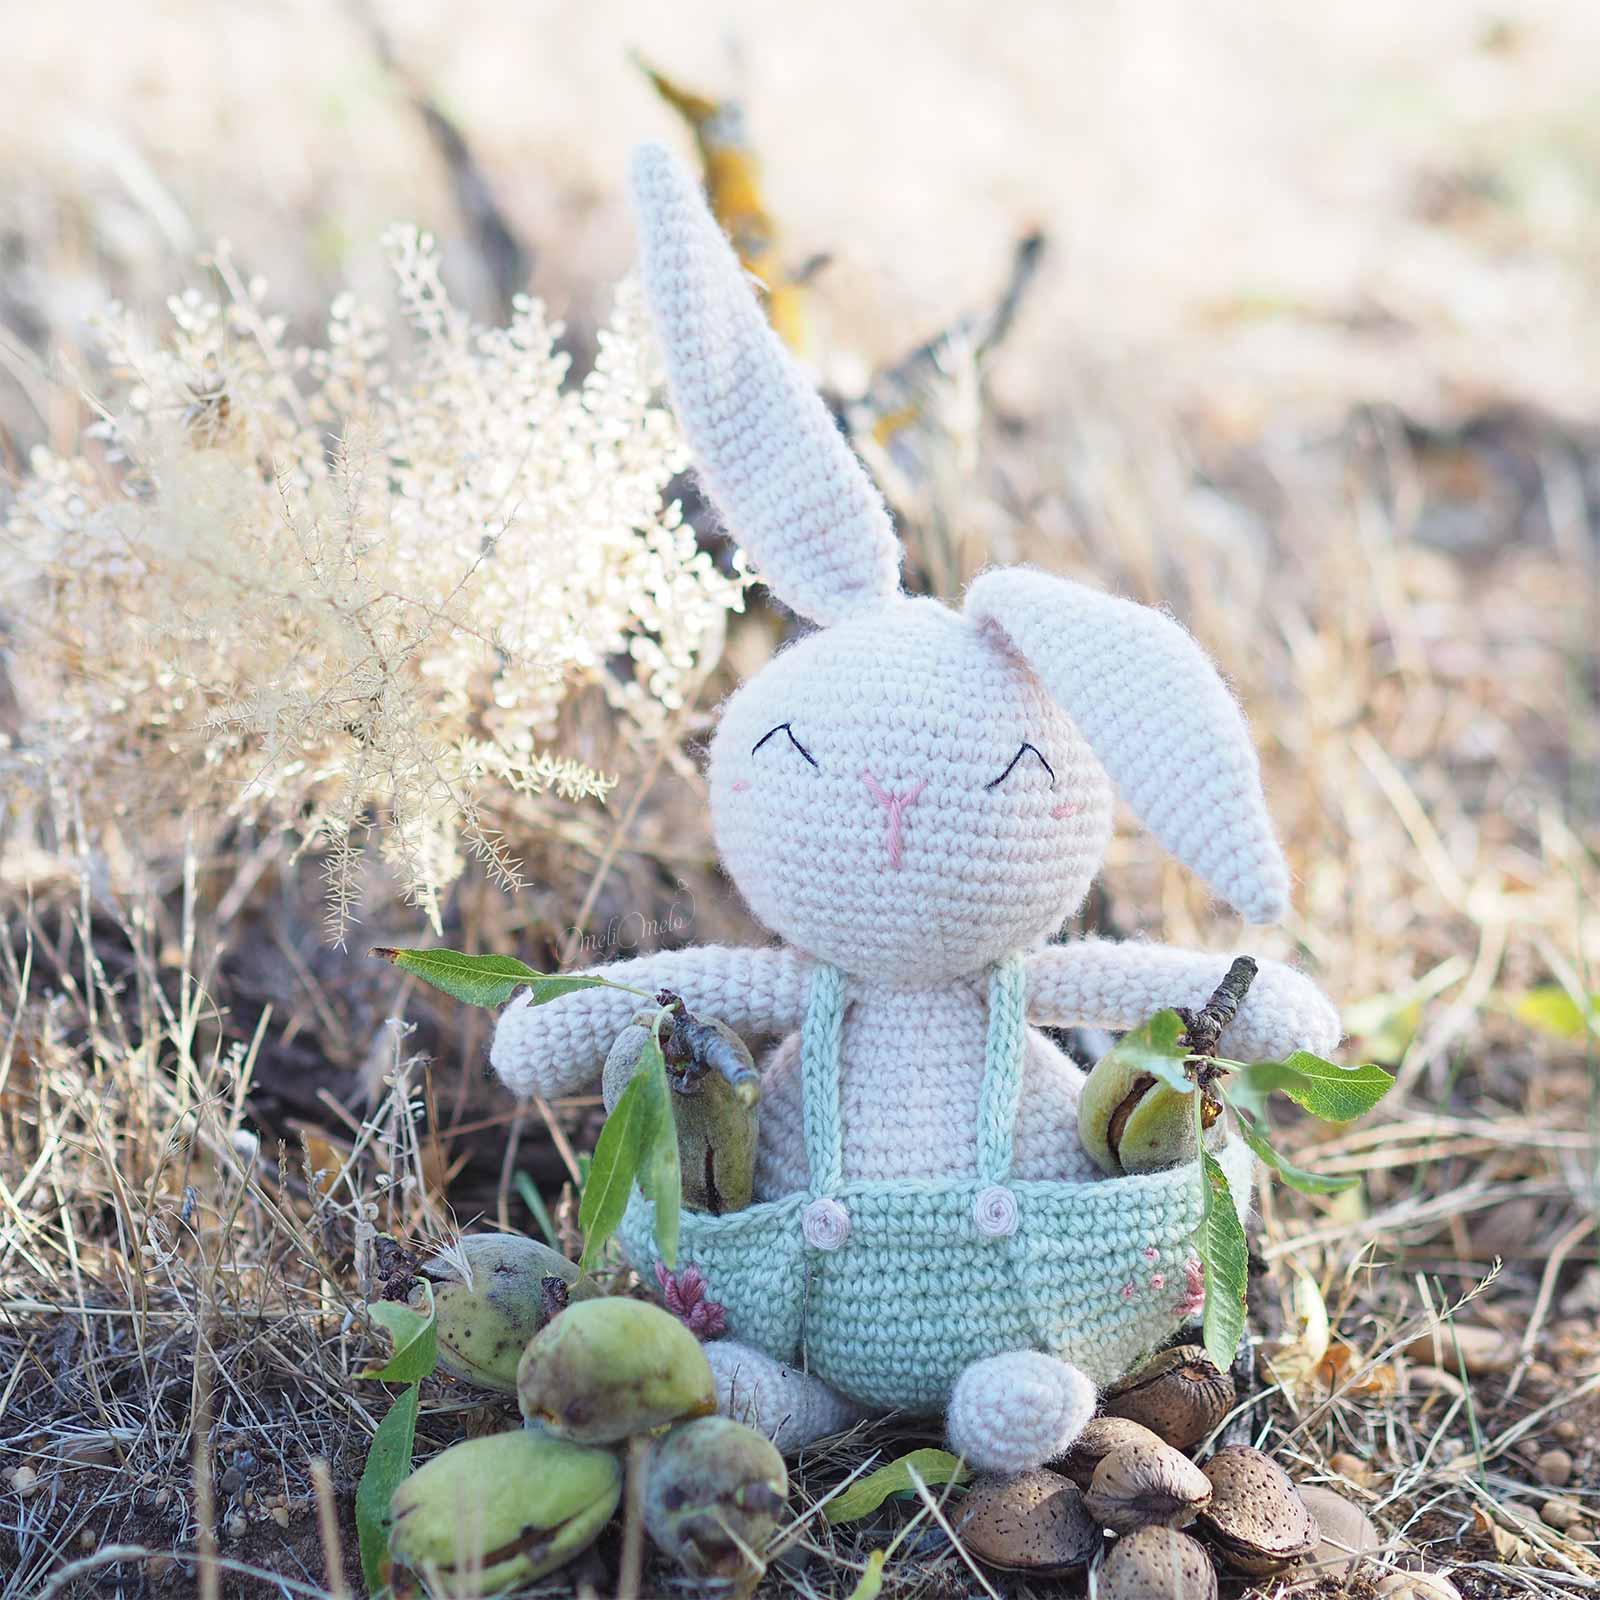 doudou-crochet-lapin-recolte-estival-amande-fraiche-amigurumi-laboutiquedemelimelo